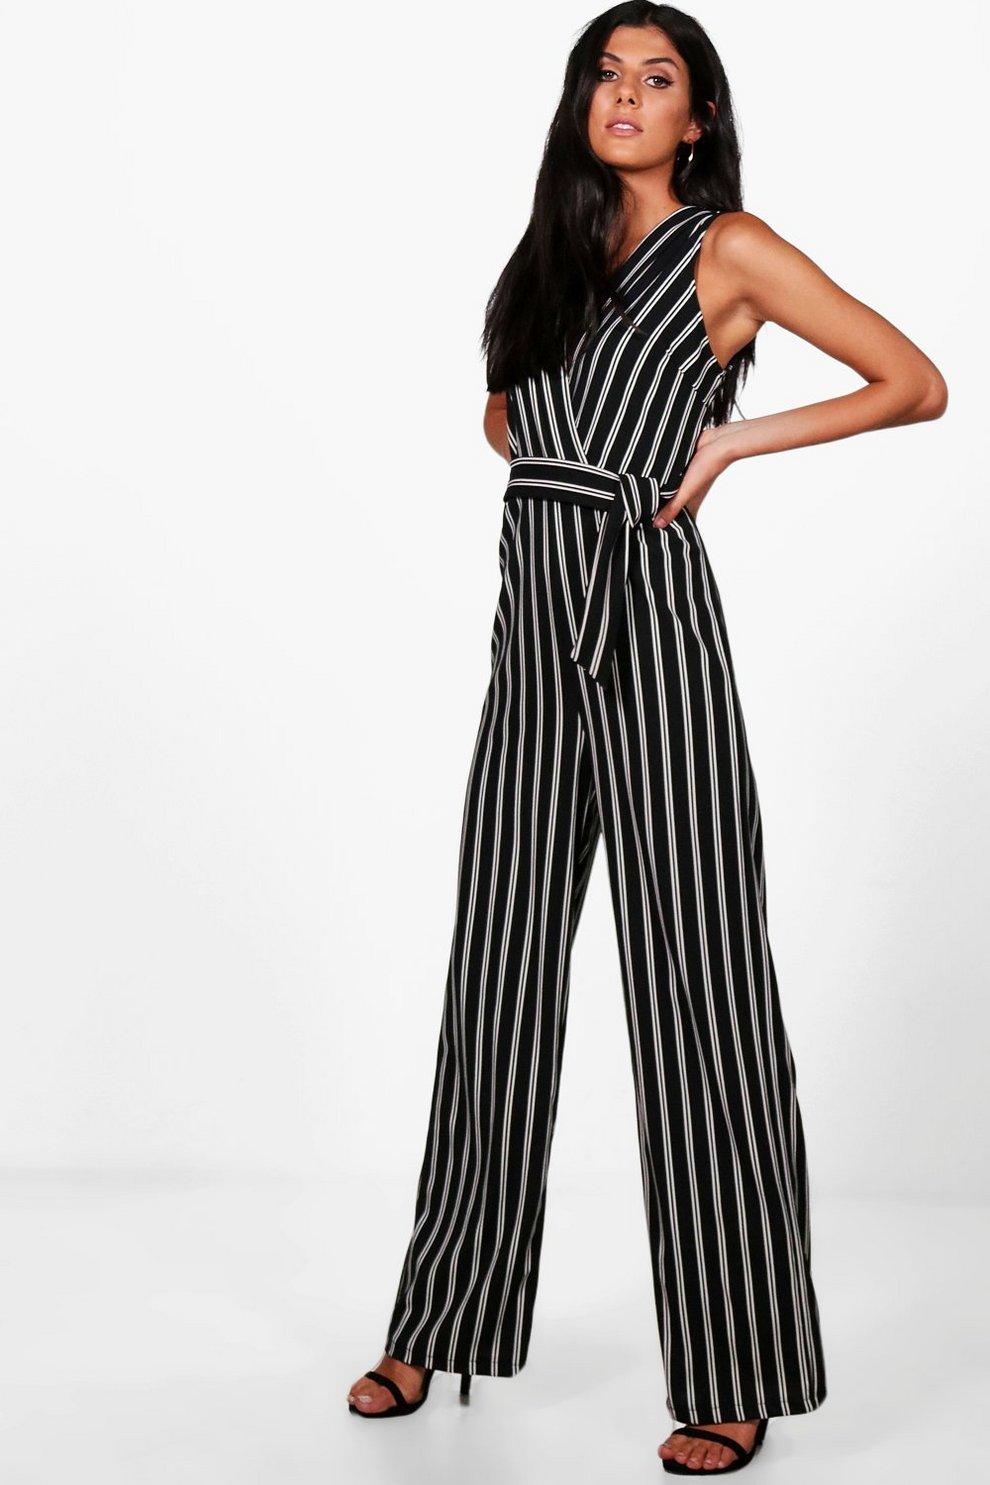 b435c9466e1 Wrap Over Wide Leg Striped Jumpsuit